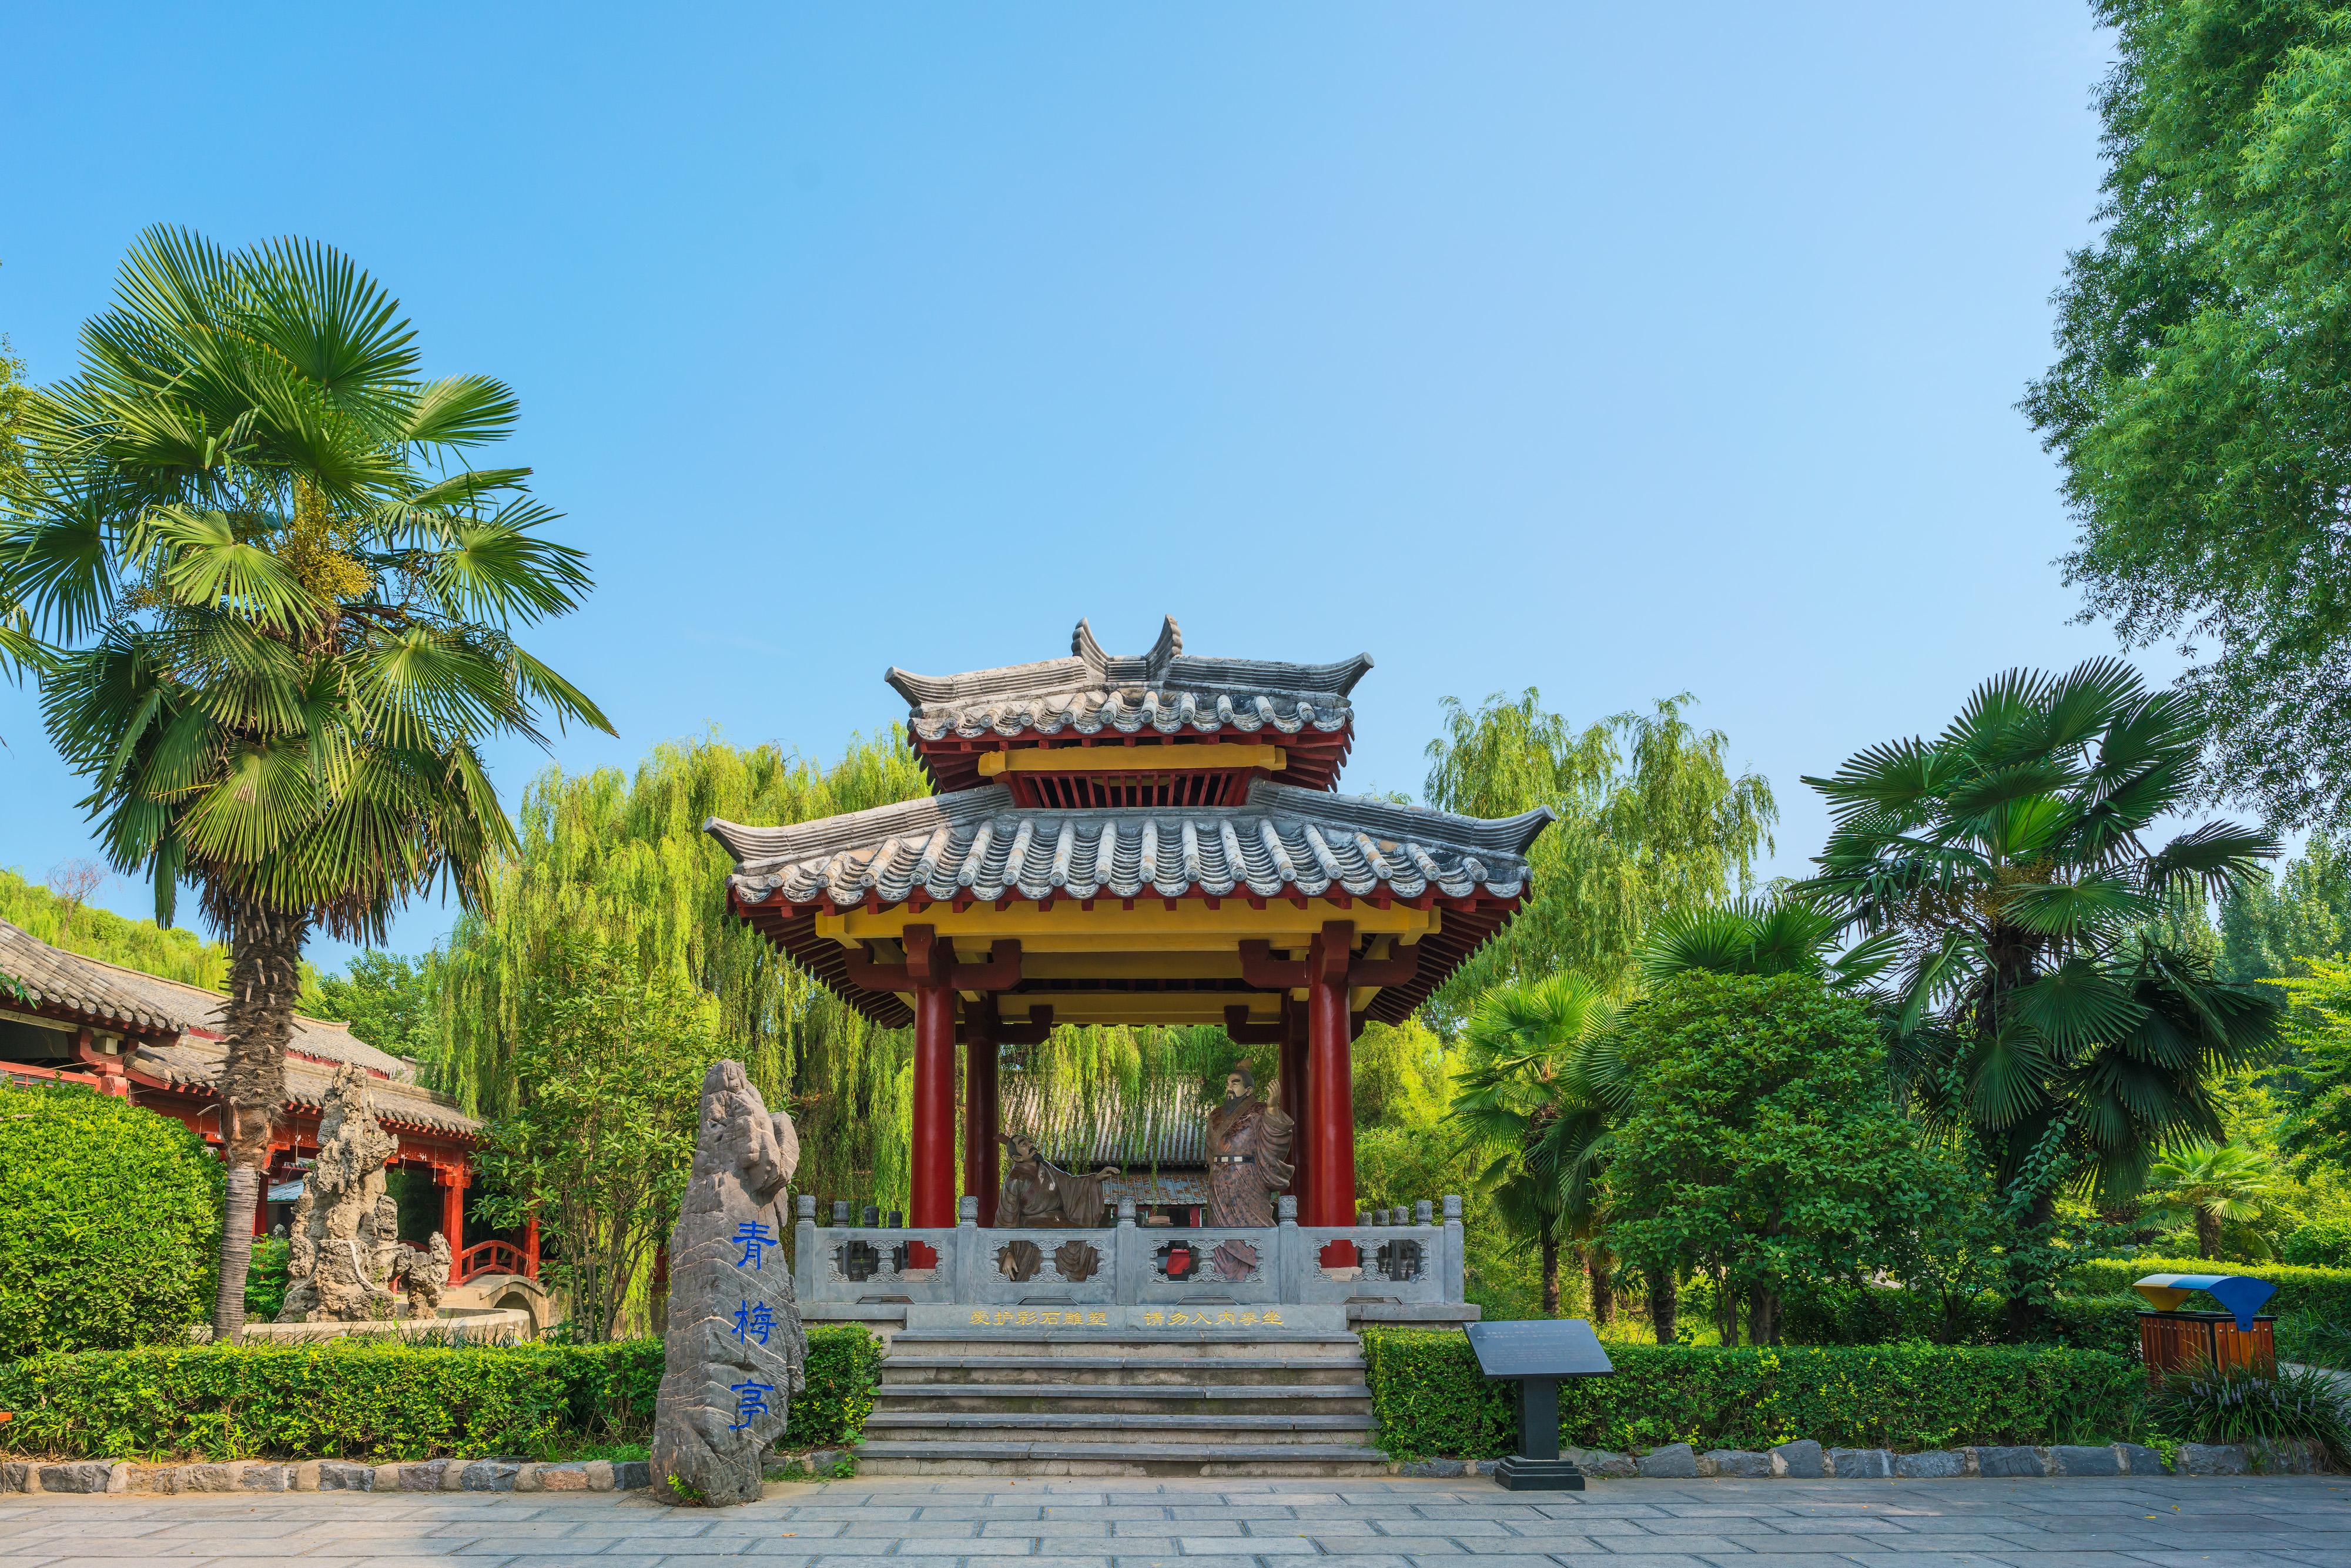 Xuchang Baling Bridge Scenic Area